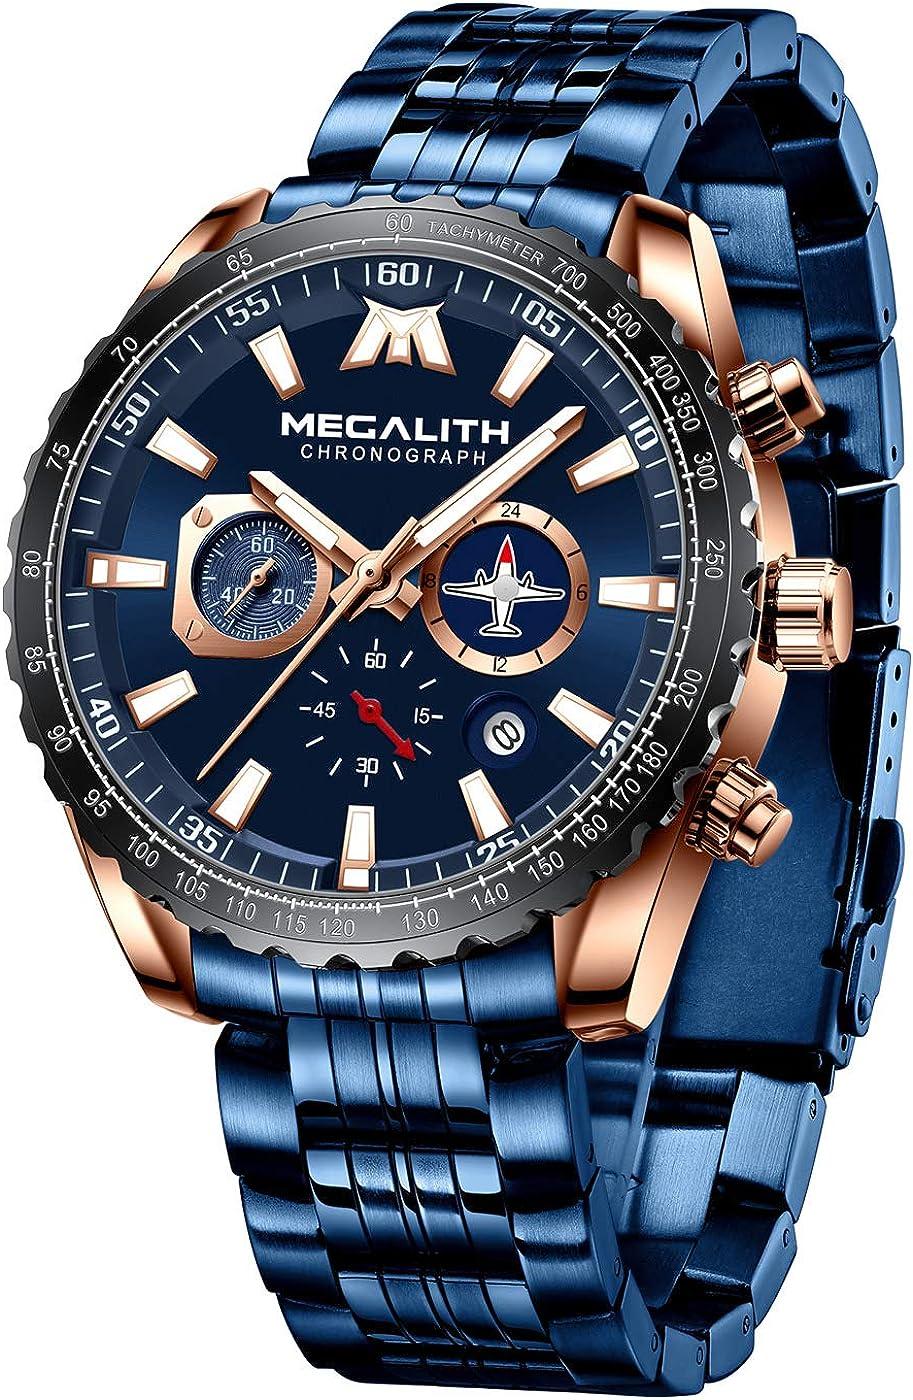 MEGALITH Relojes Hombre Relojes Grandes de Pulsera Militar Impermeable Cronografo Acero Inoxidable Reloj Hombres Elegante Diseño Analogico: Amazon.es: Relojes